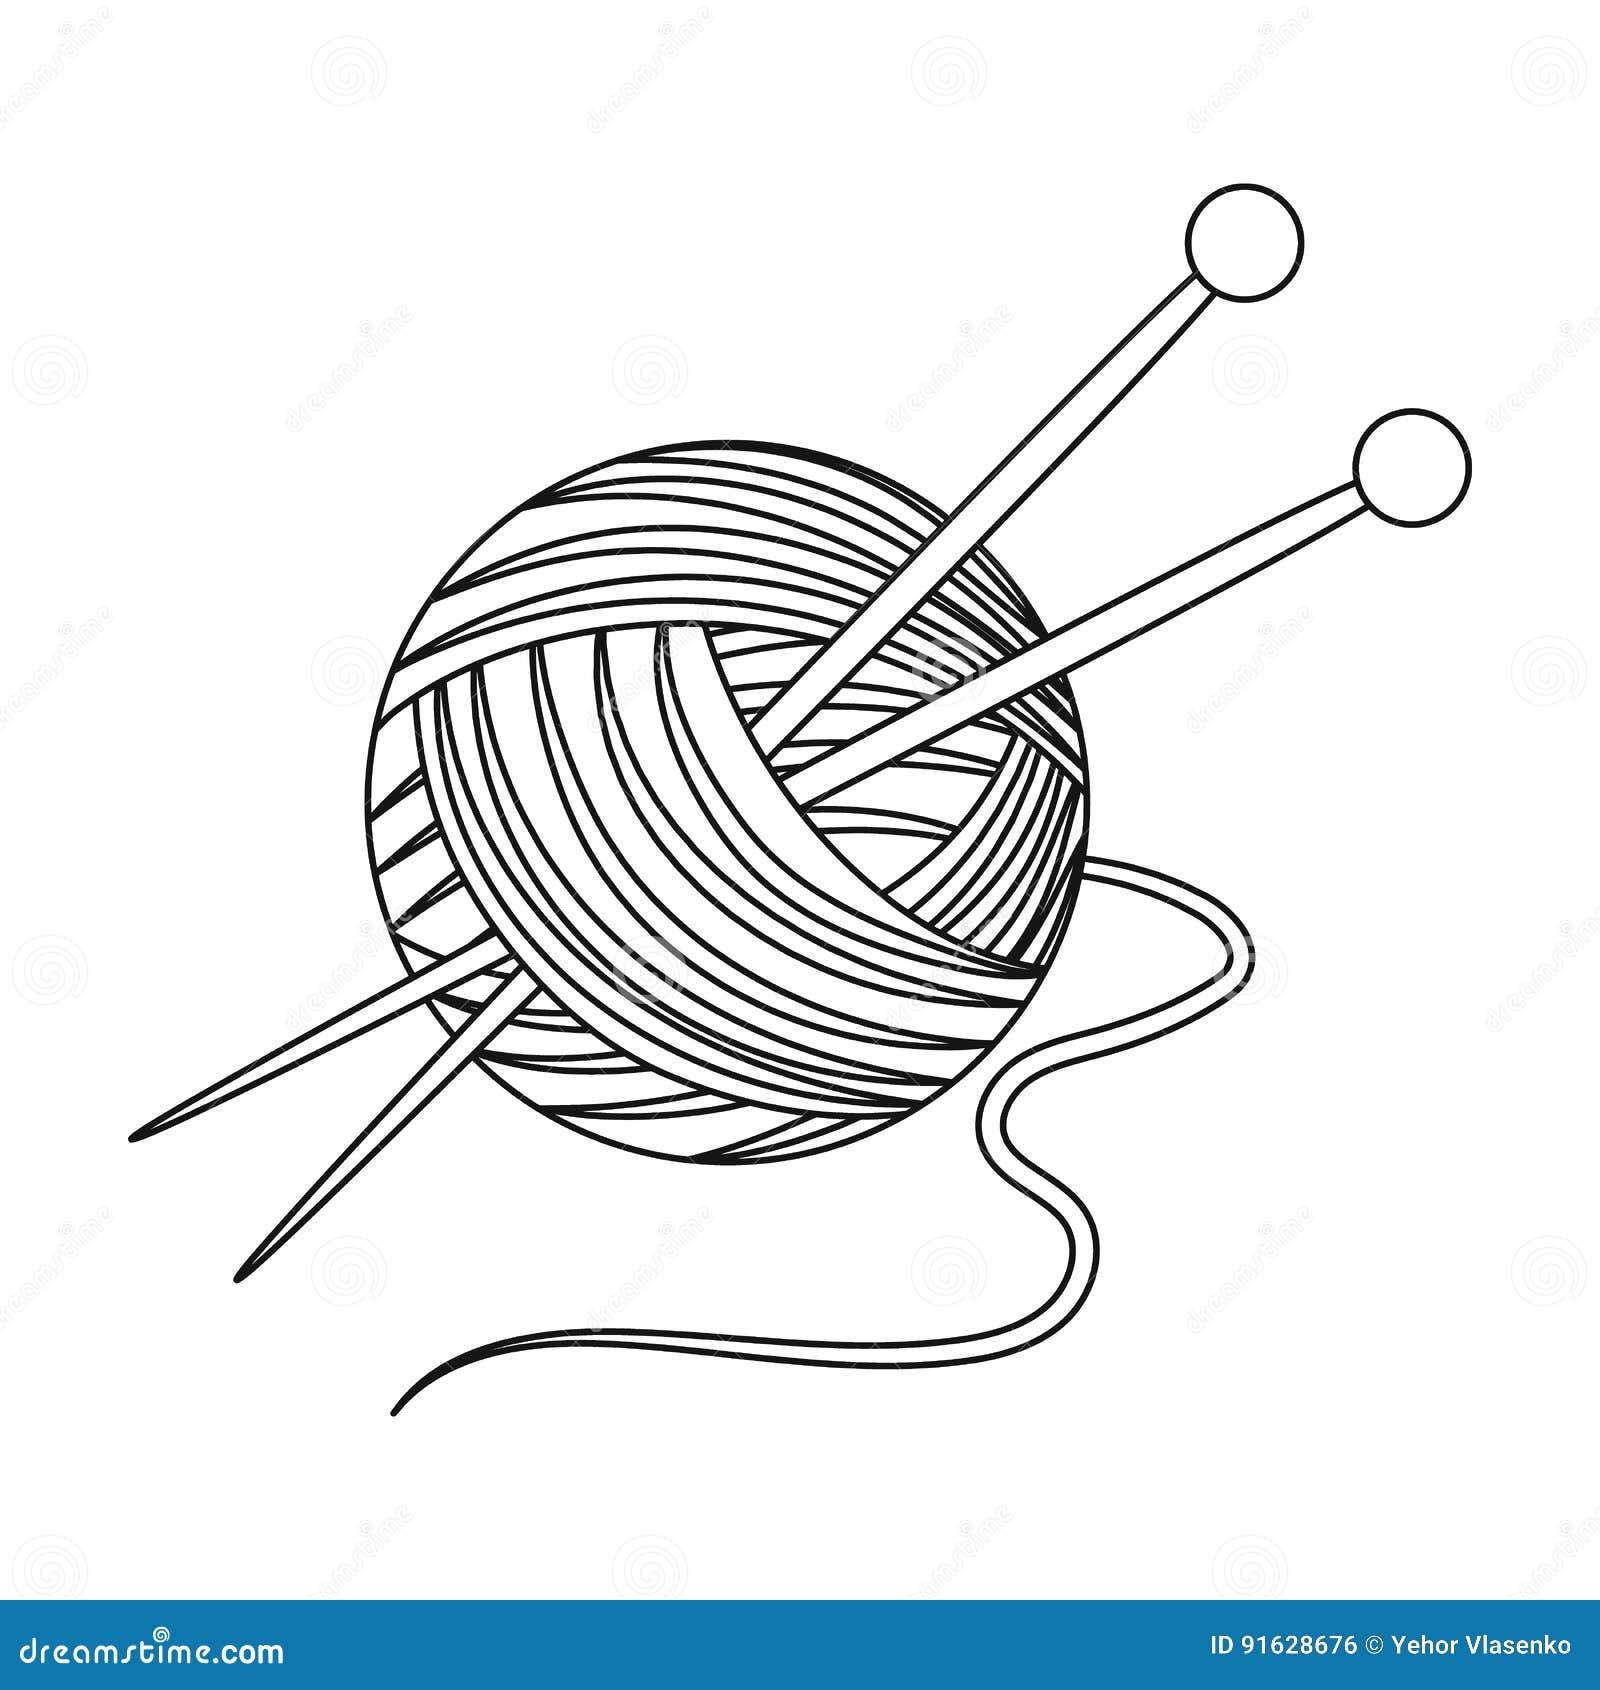 Knitting Solo icono de la edad avanzada en web del ejemplo de la acción del símbolo del vector del estilo del esquema